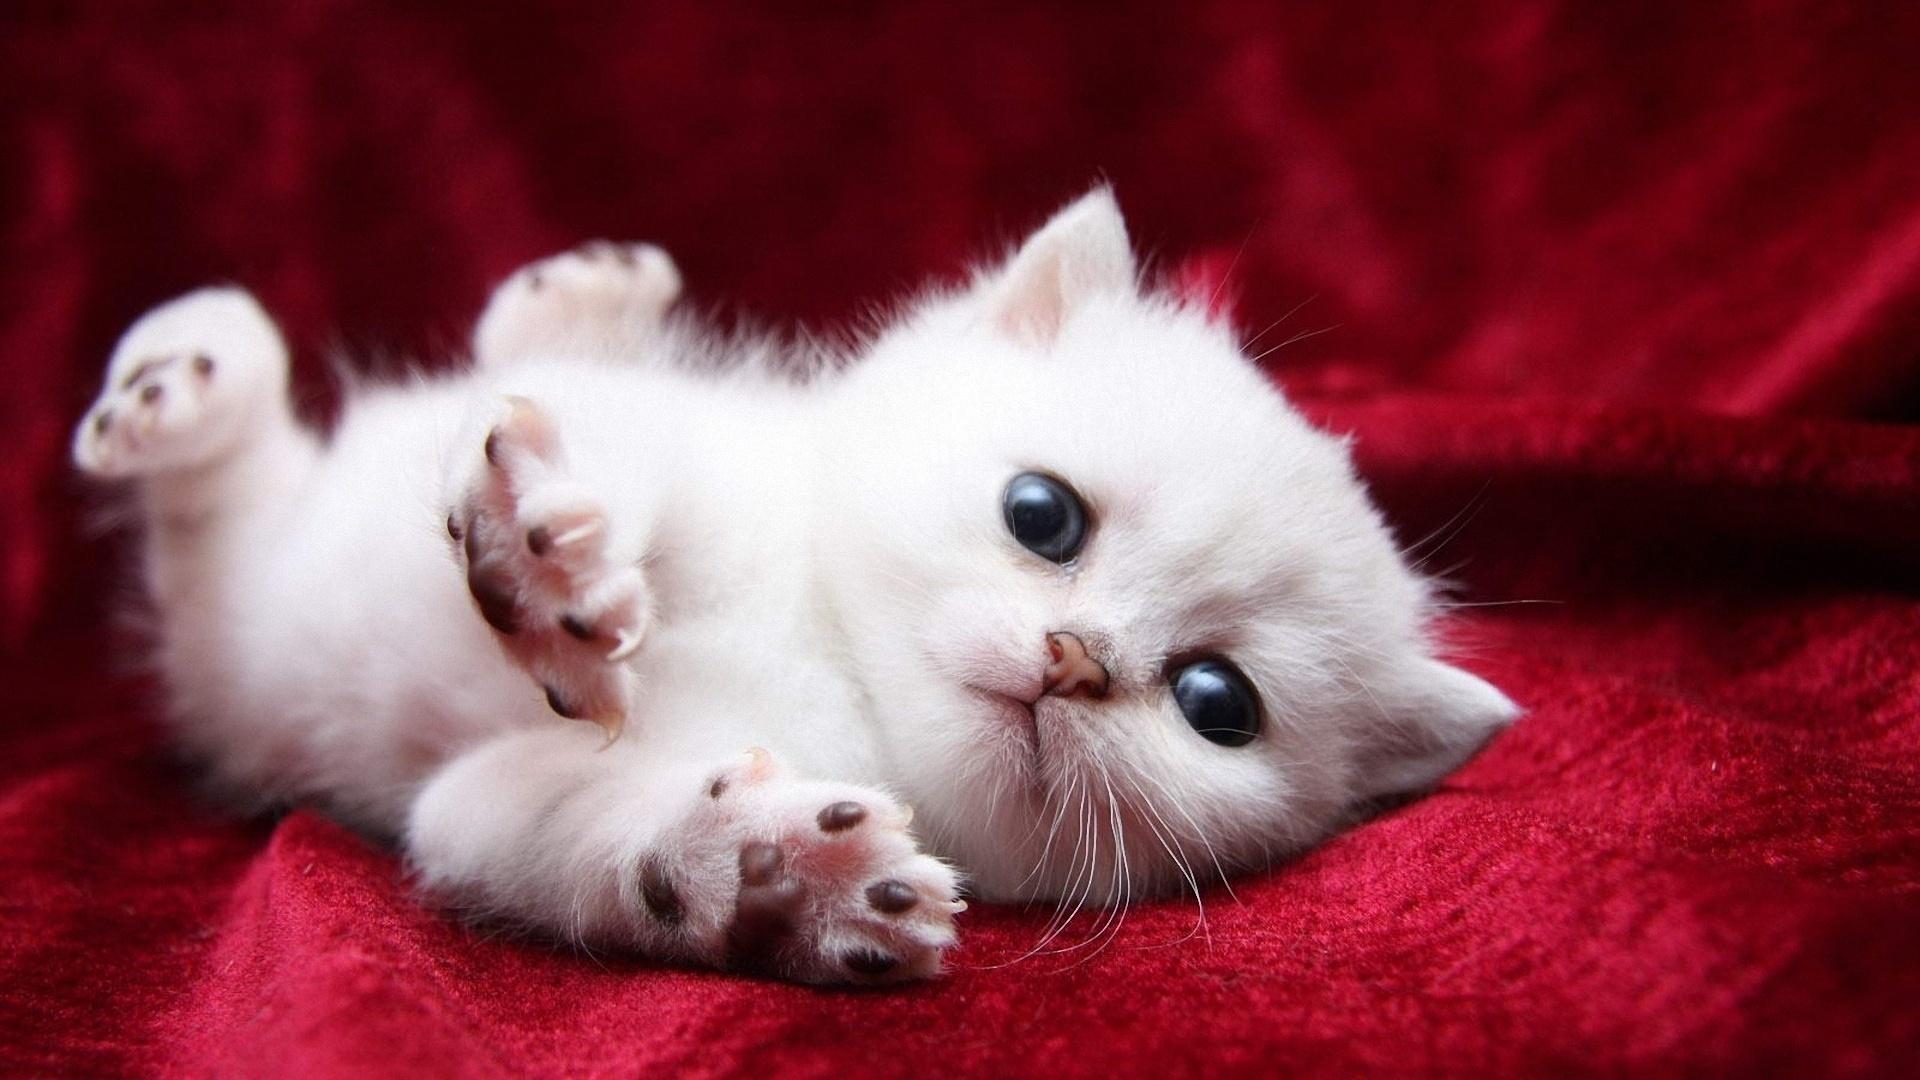 милые картинки с кошками пожалуйста т?рмыс-салтты? ?згеруіне ?арай